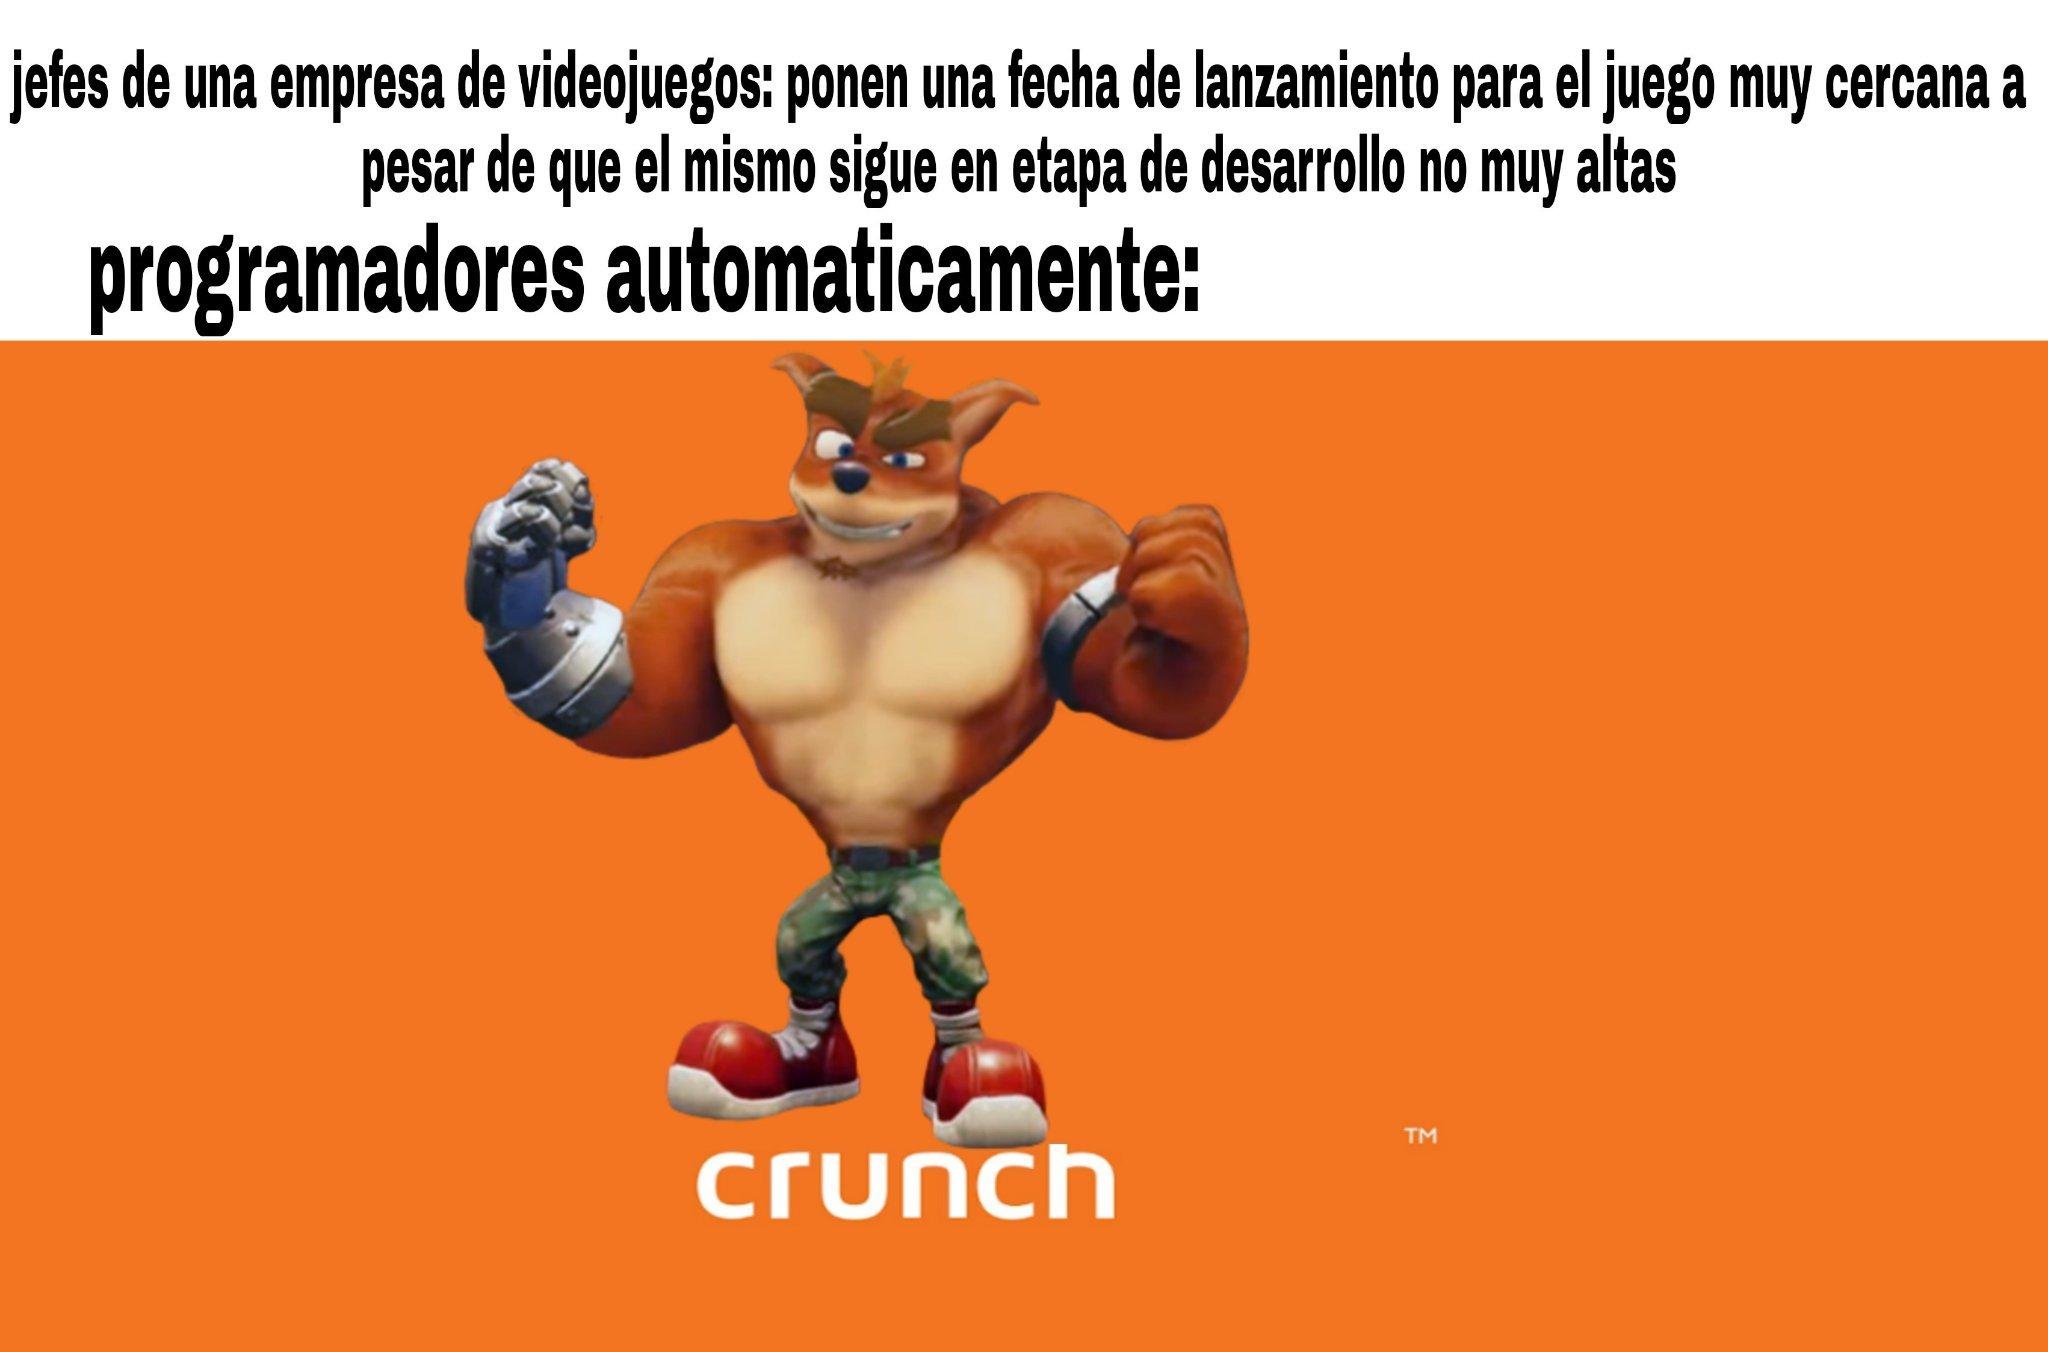 Contecti: básicamente el crunch es la expresion en el mundo de los videojuegos para la explotación laboral - meme